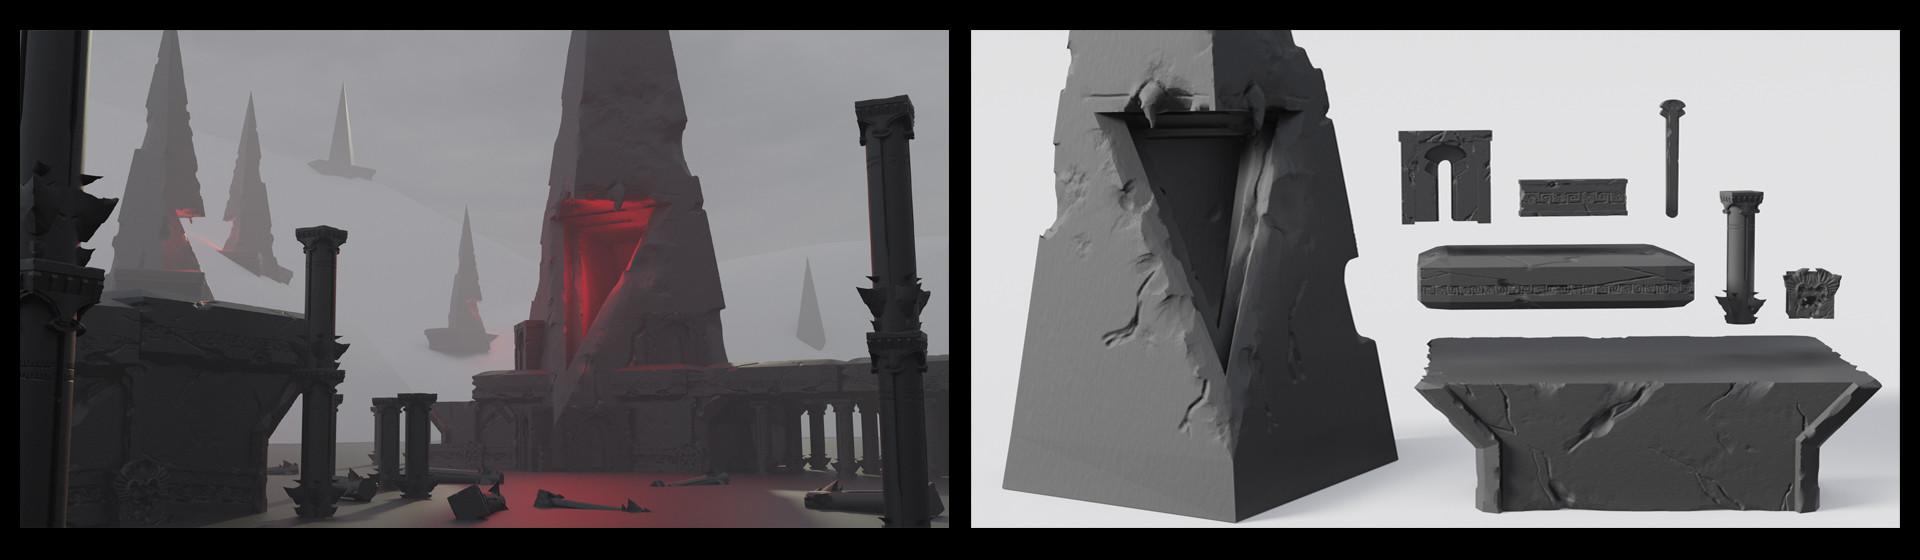 Blender sculpted assets and render